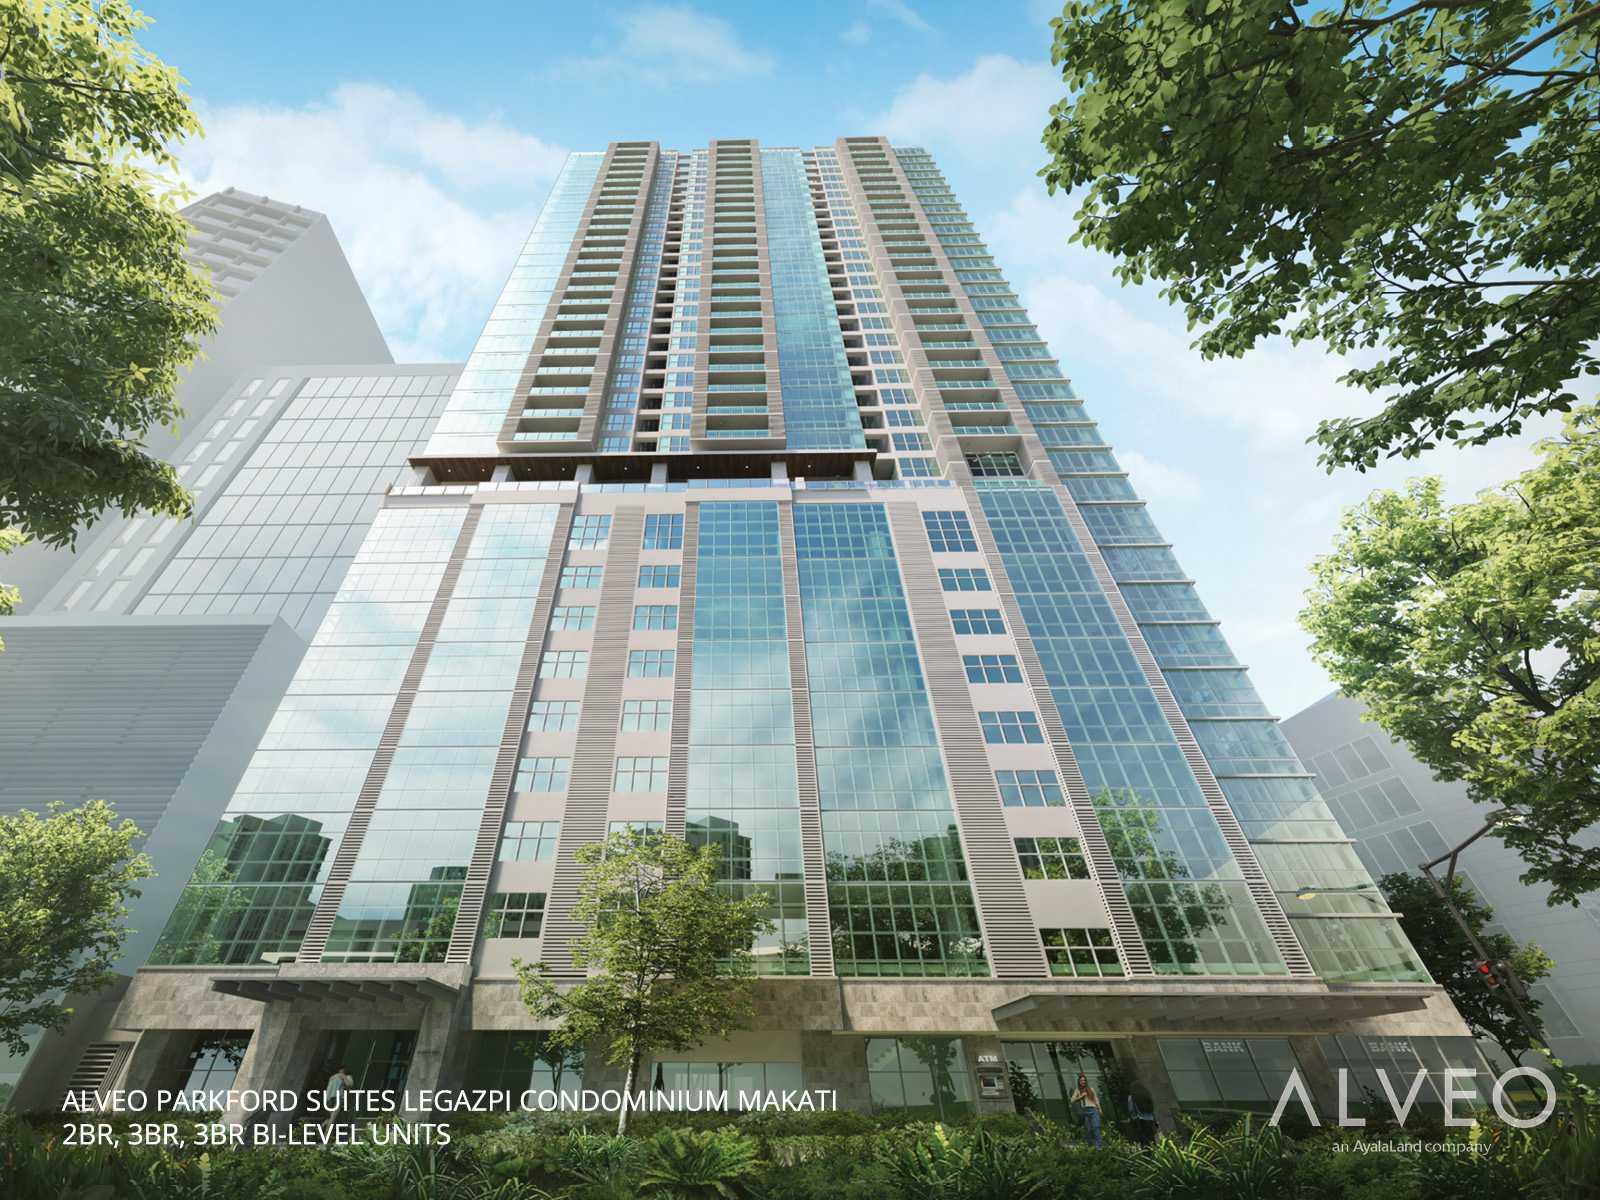 Parkford Suites Legazpi Condominium Makati